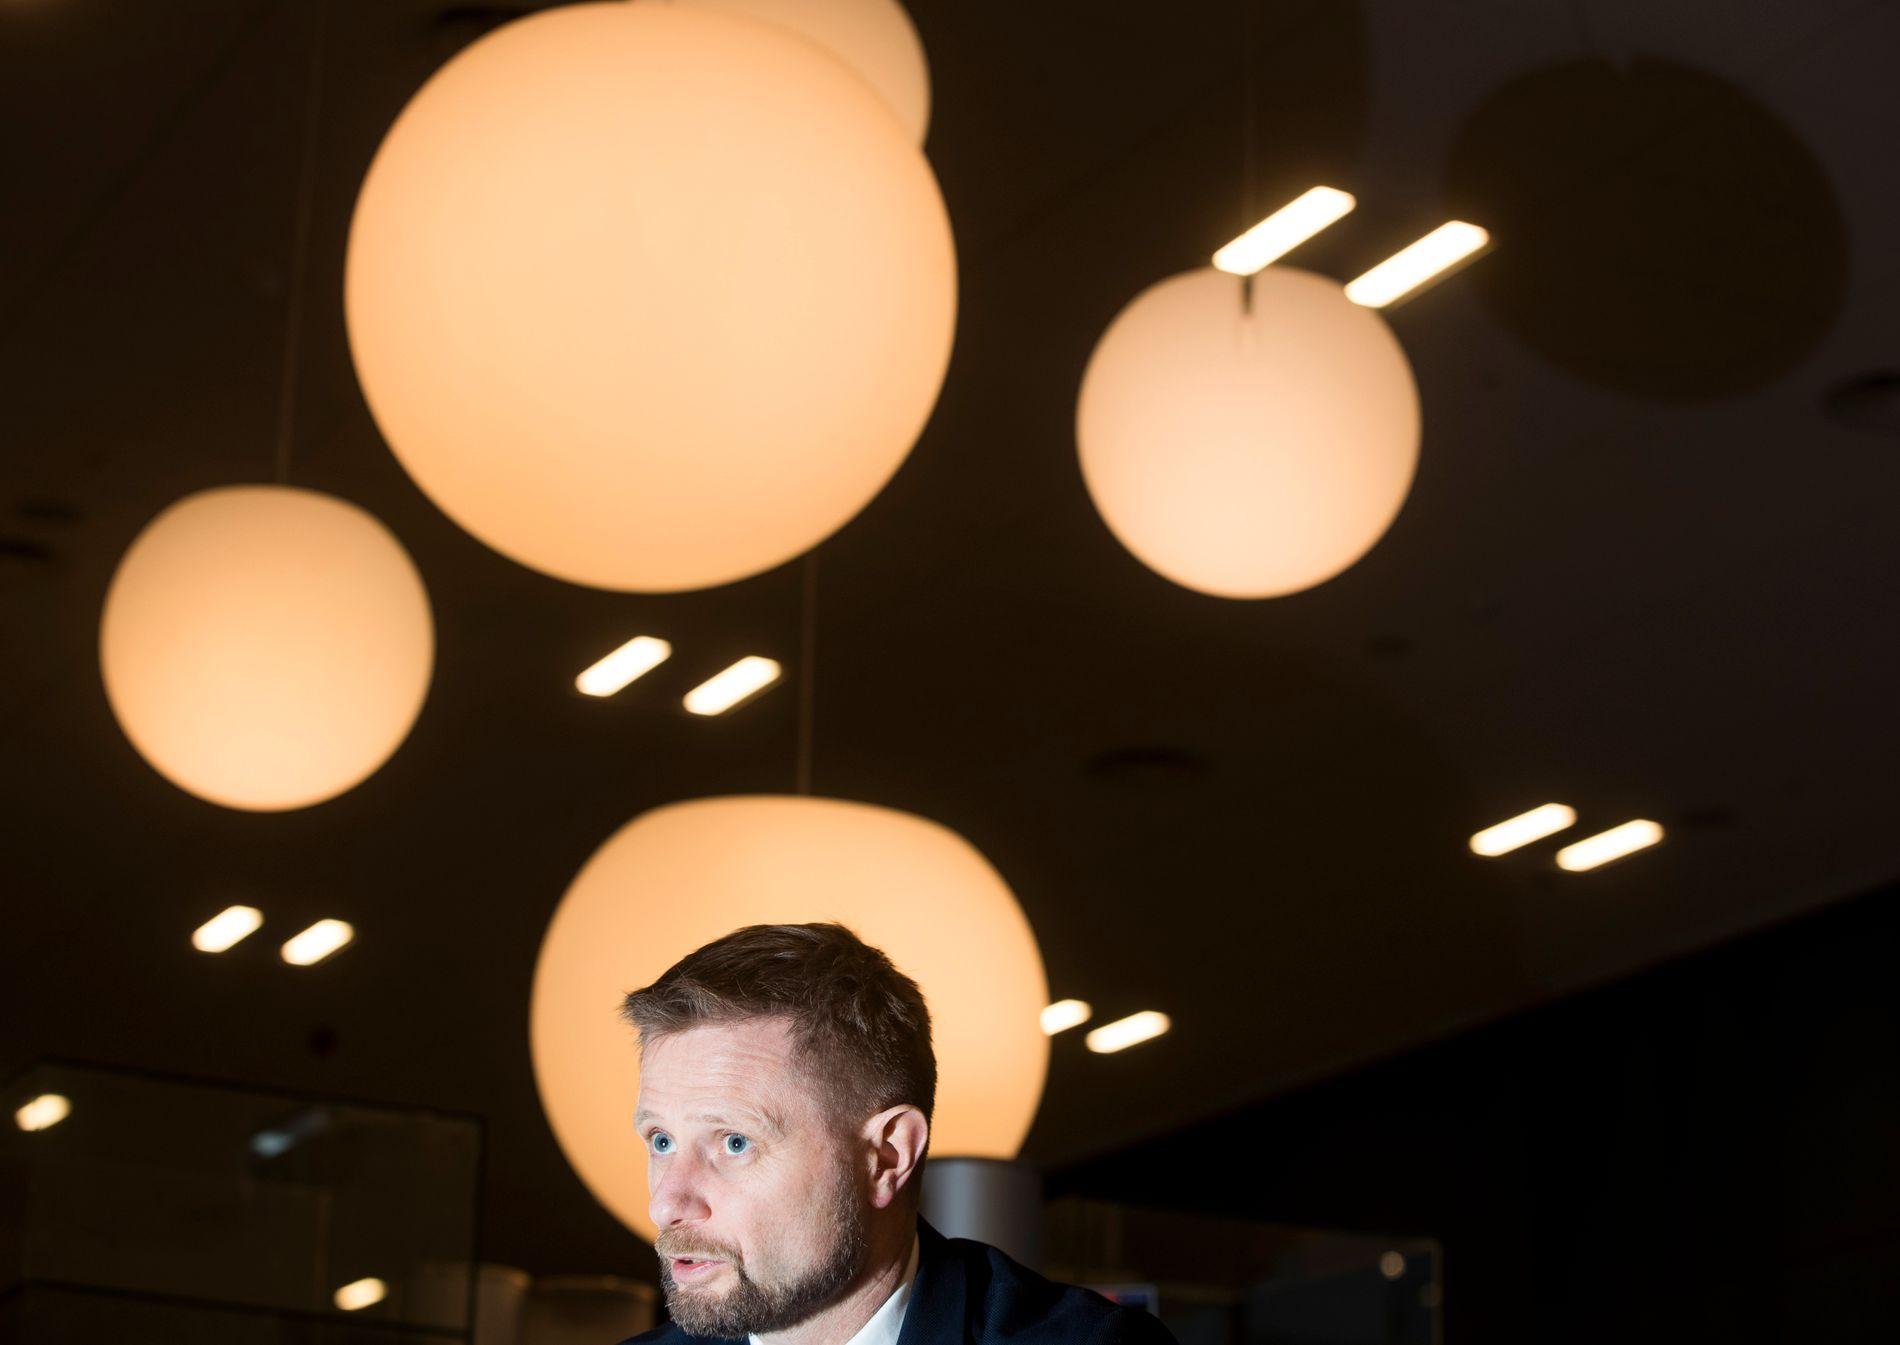 LOVER BEDRING: Helseminister Bent Høie (H) har satt igang et arbeid for å se på mulightene for utprøvende kreftbehandling.